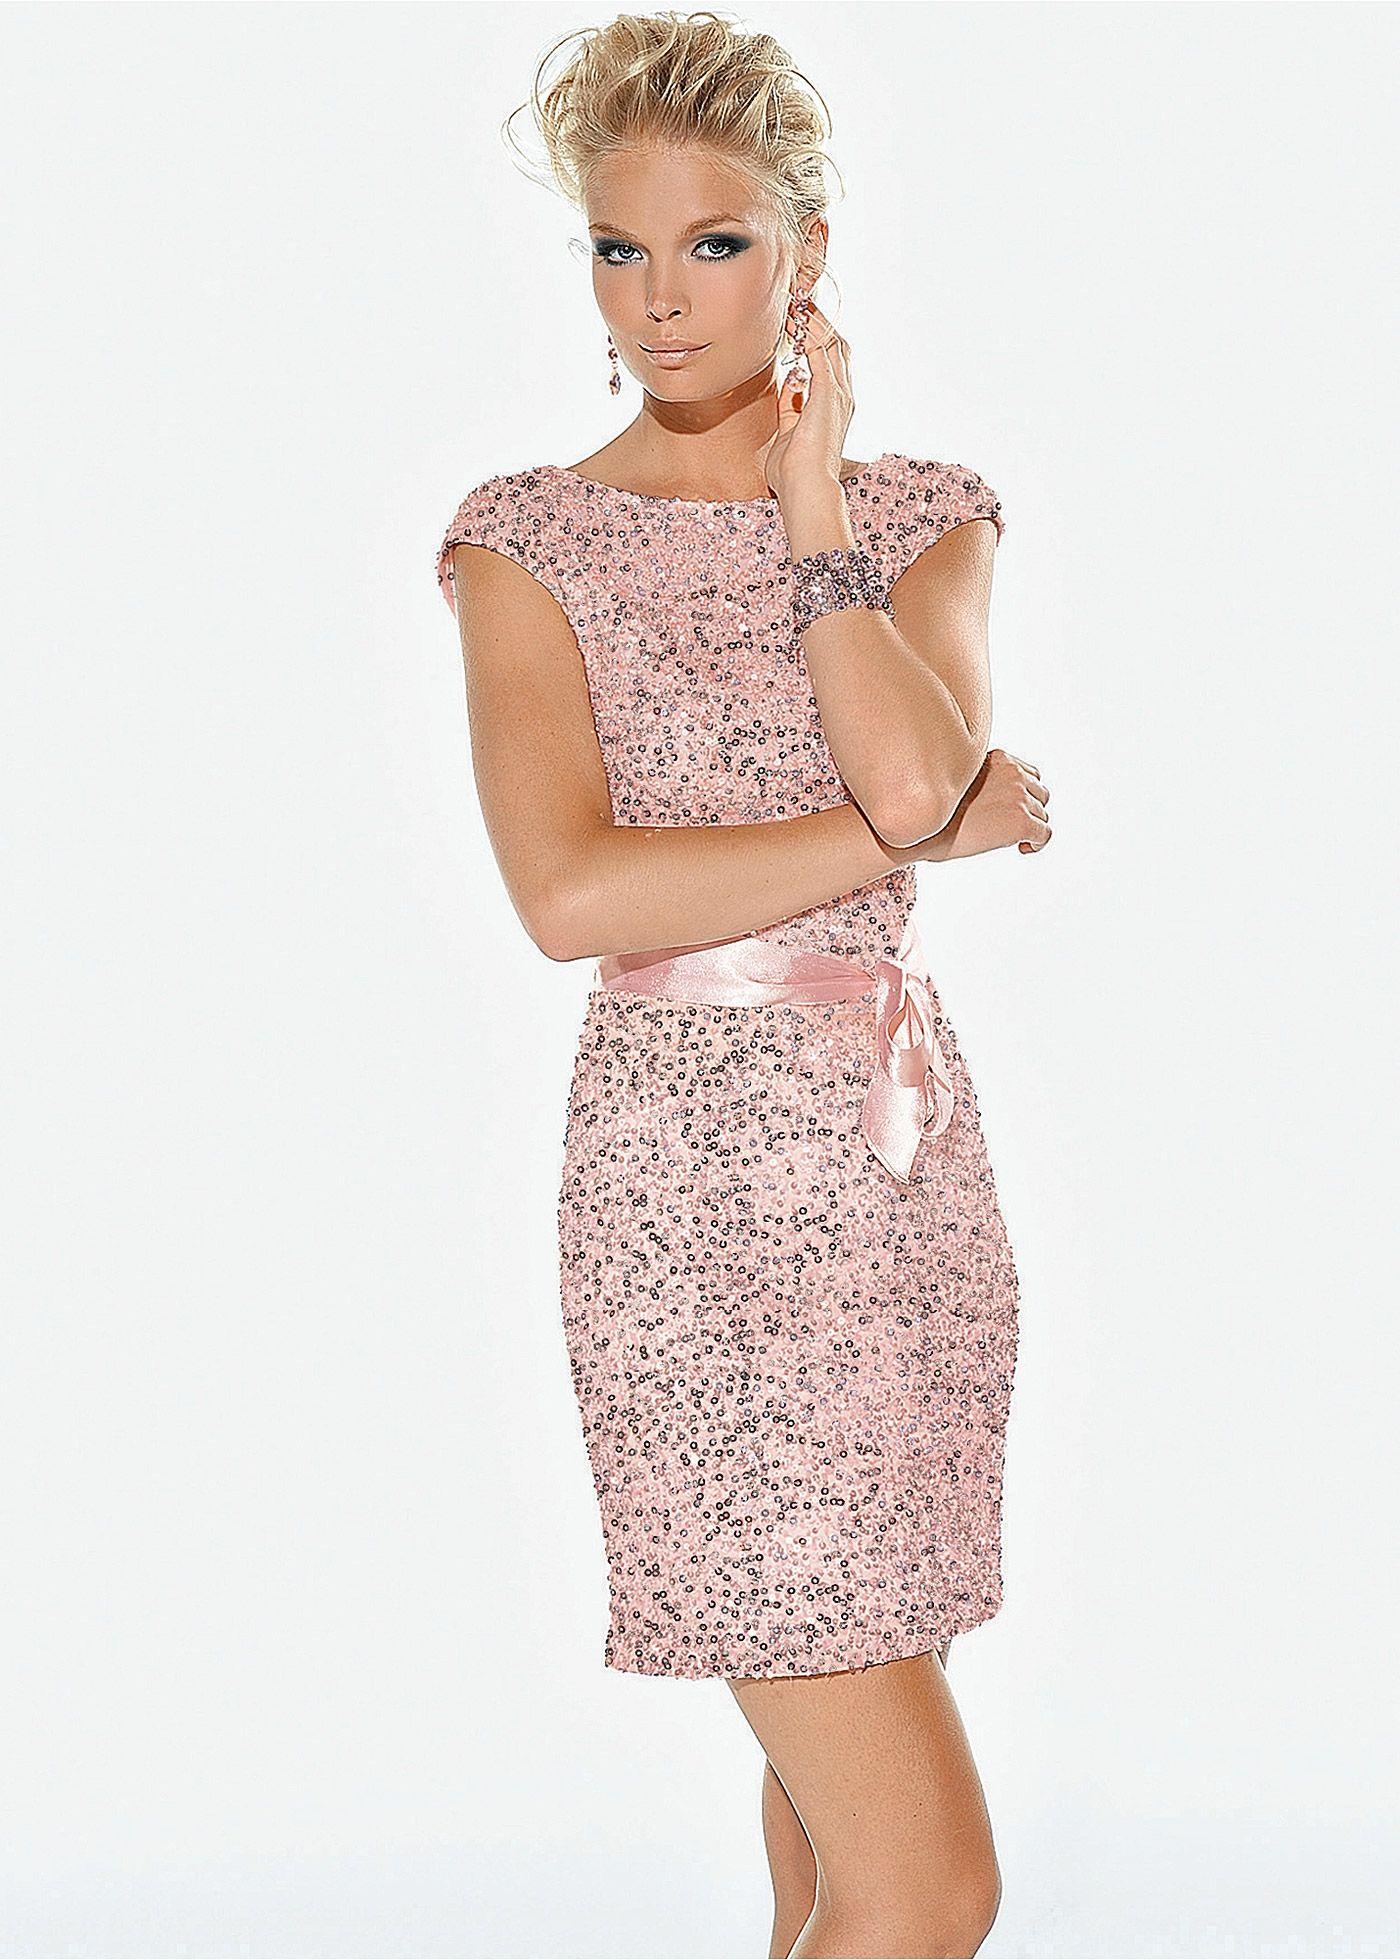 34a384e30 Vestido de paetês com cinto preto encomendar agora na loja on-line bonprix.de  R$ 149,00 a partir de Vestido com brilho e paetês, perfeito para a balada!